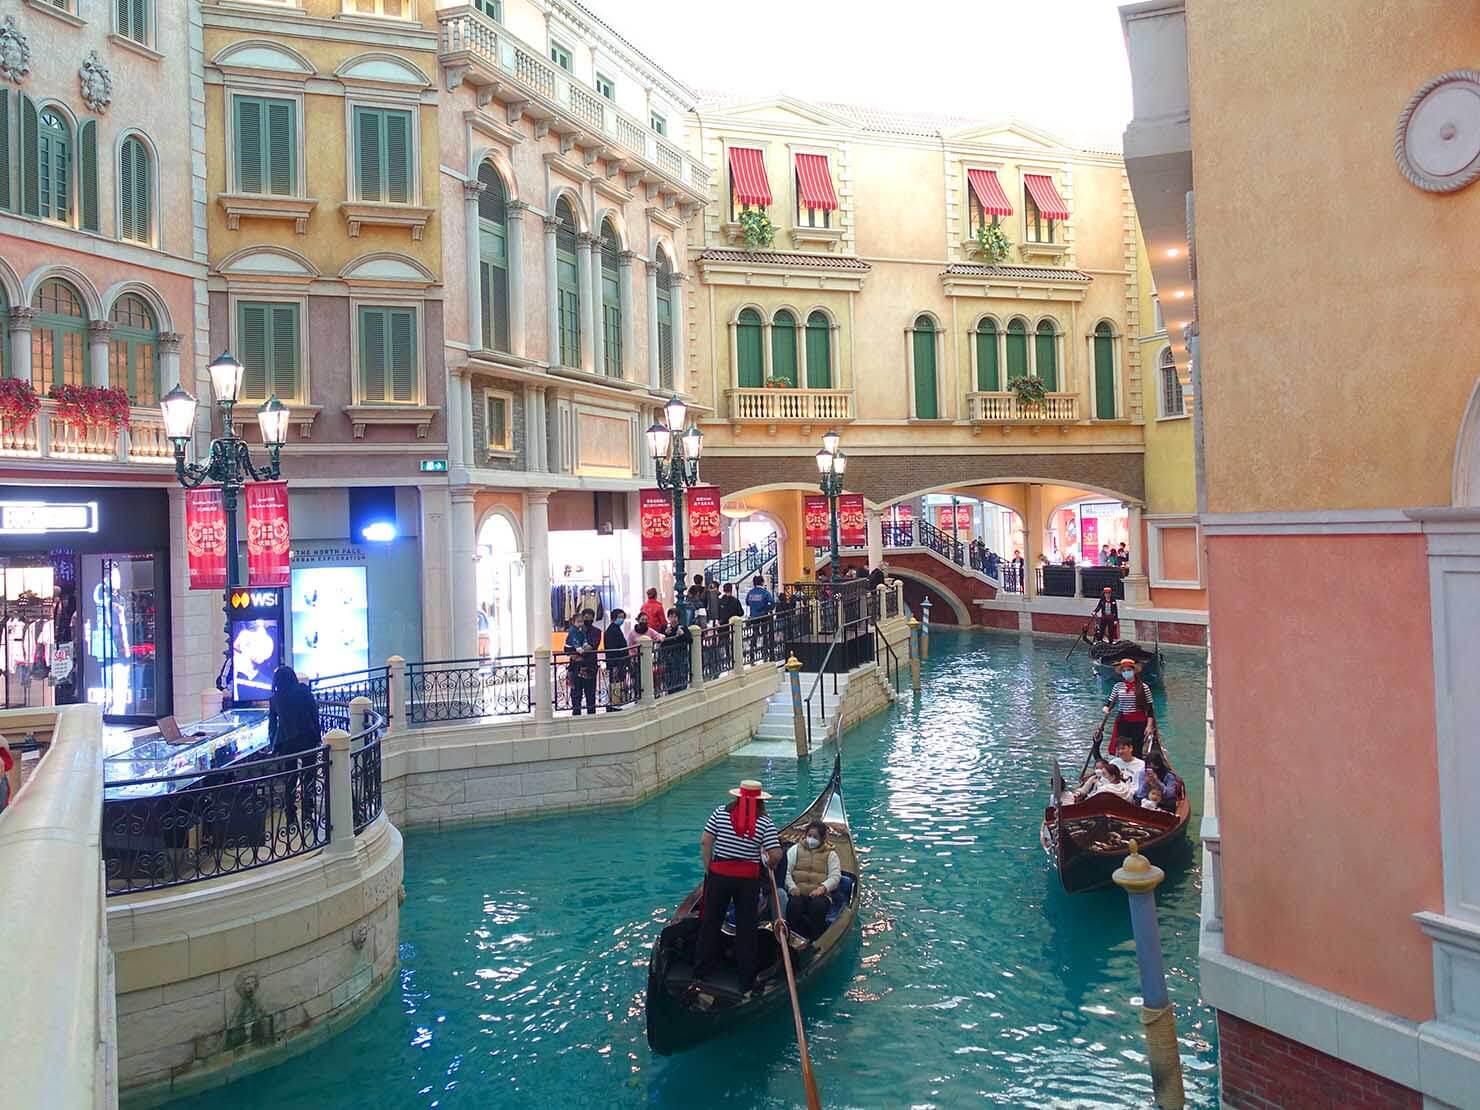 マカオのリゾート施設「威尼斯人(VENETIAN)」